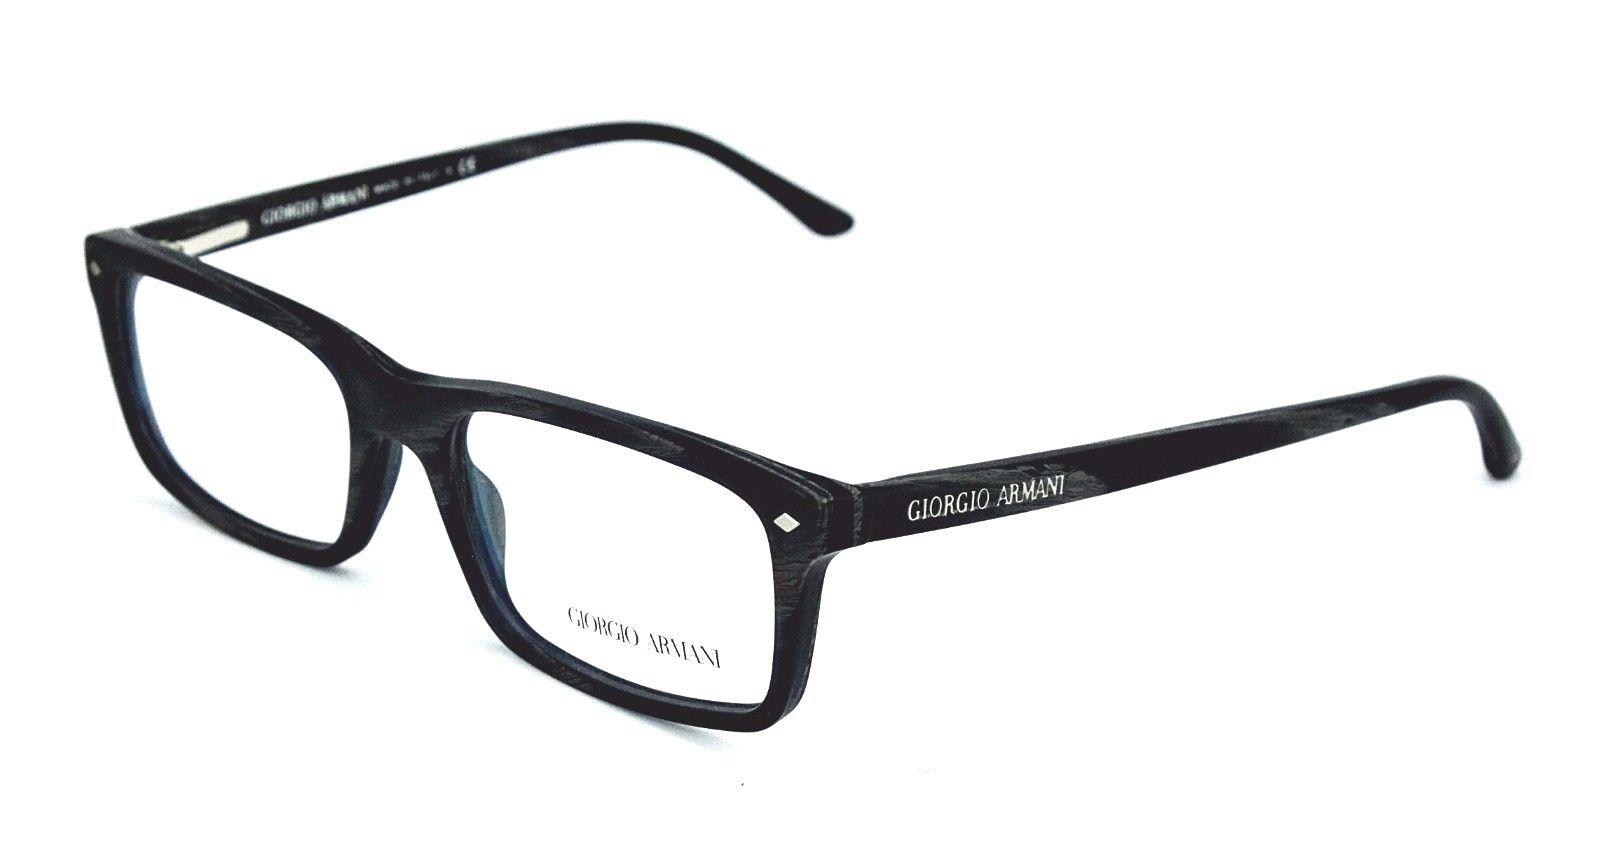 Giorgio Armani Brille /Fassung /Glasses AR7036 5301 53[]17 140 // 191 (32)